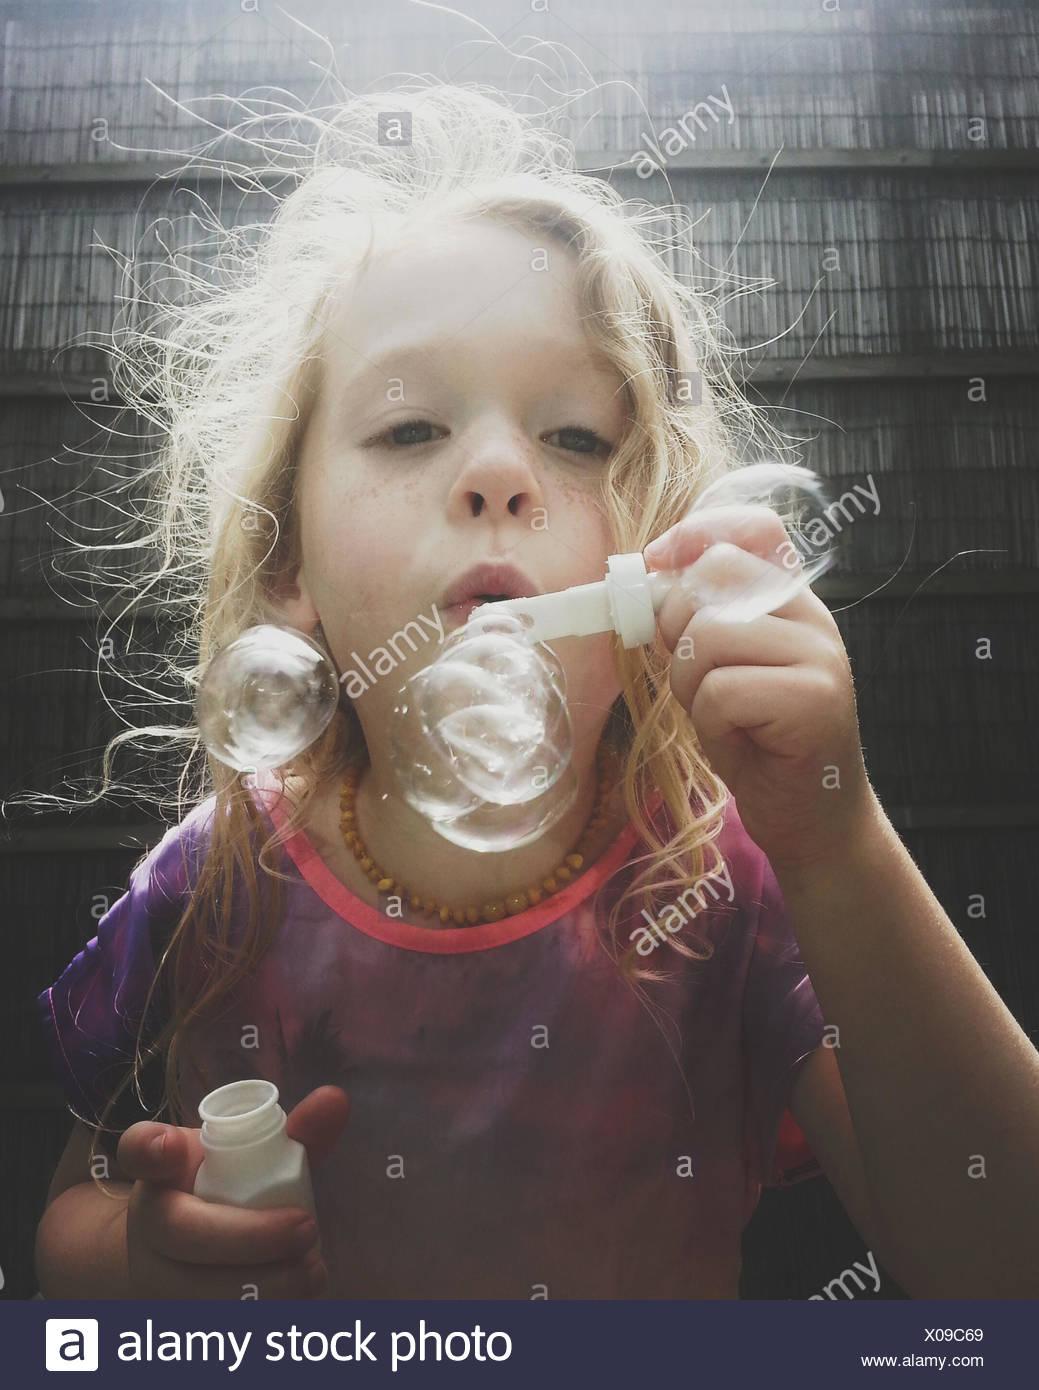 Ritratto di una ragazza soffia bolle di sapone Immagini Stock